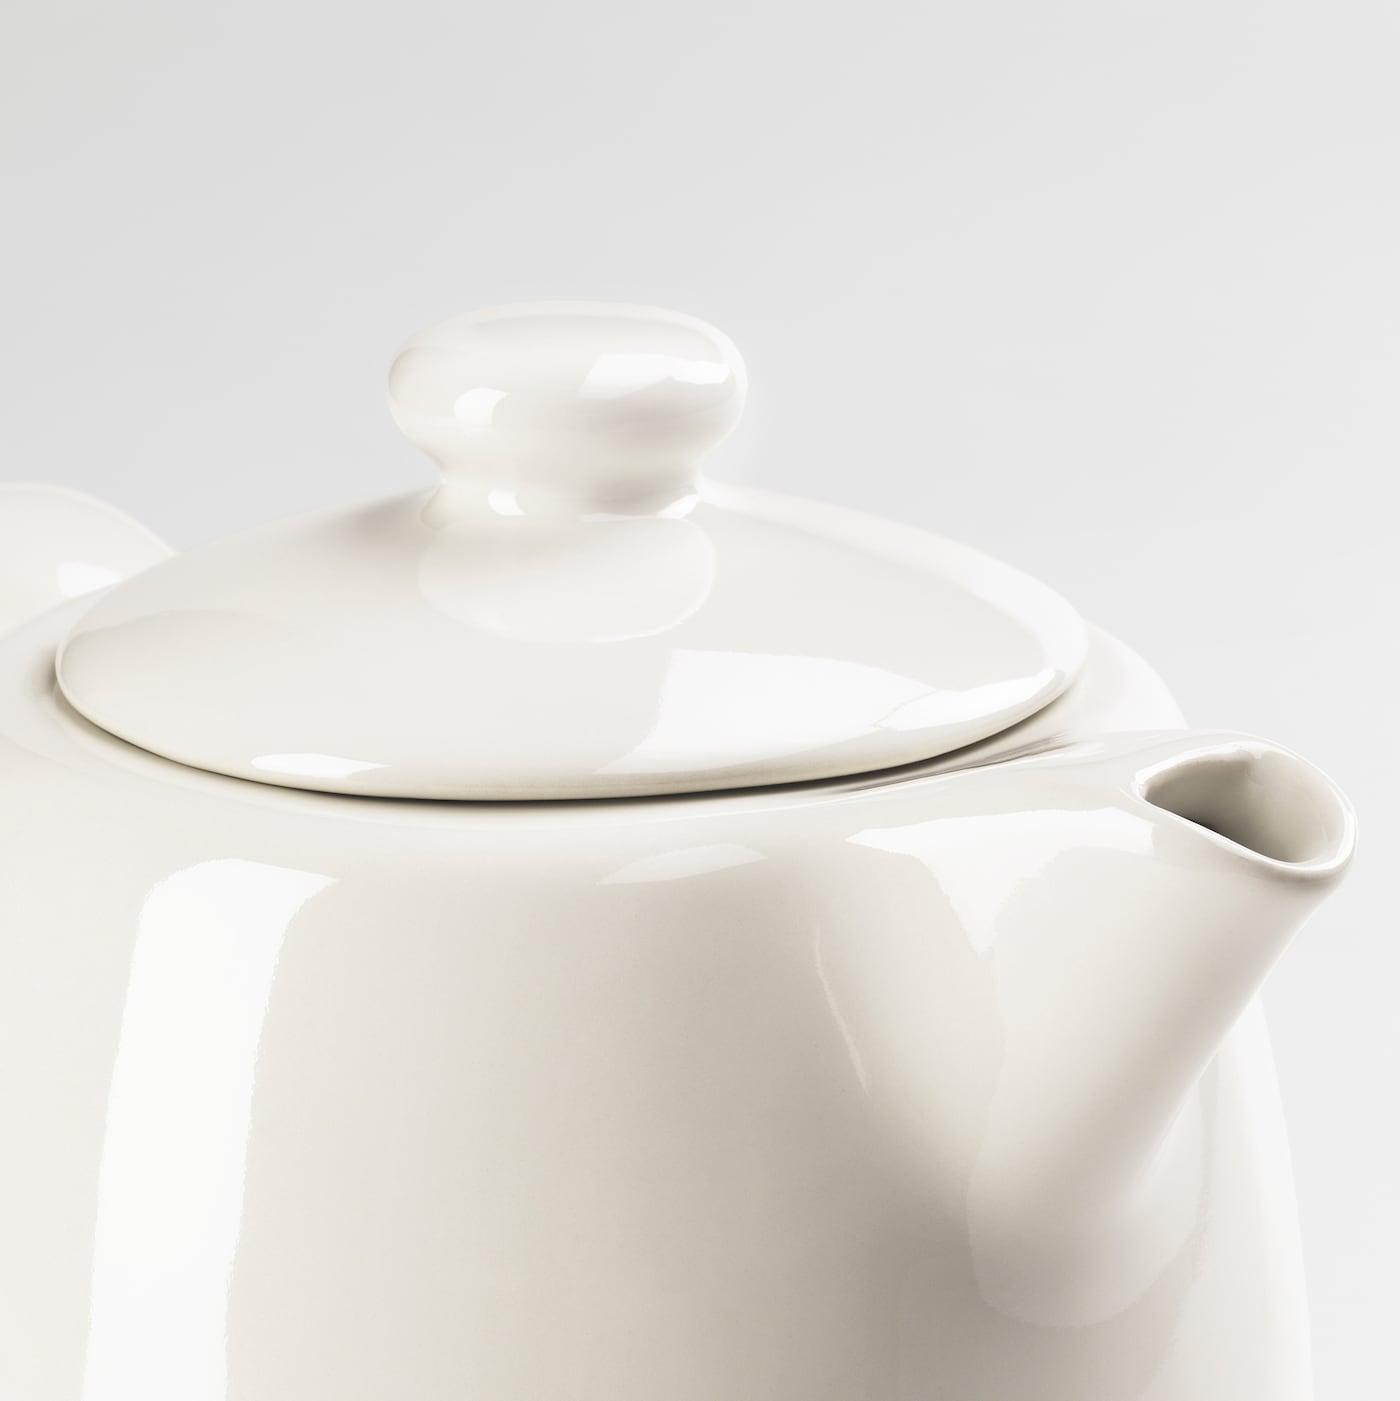 VARDAGEN tekanna off-white 15 cm 1.2 l